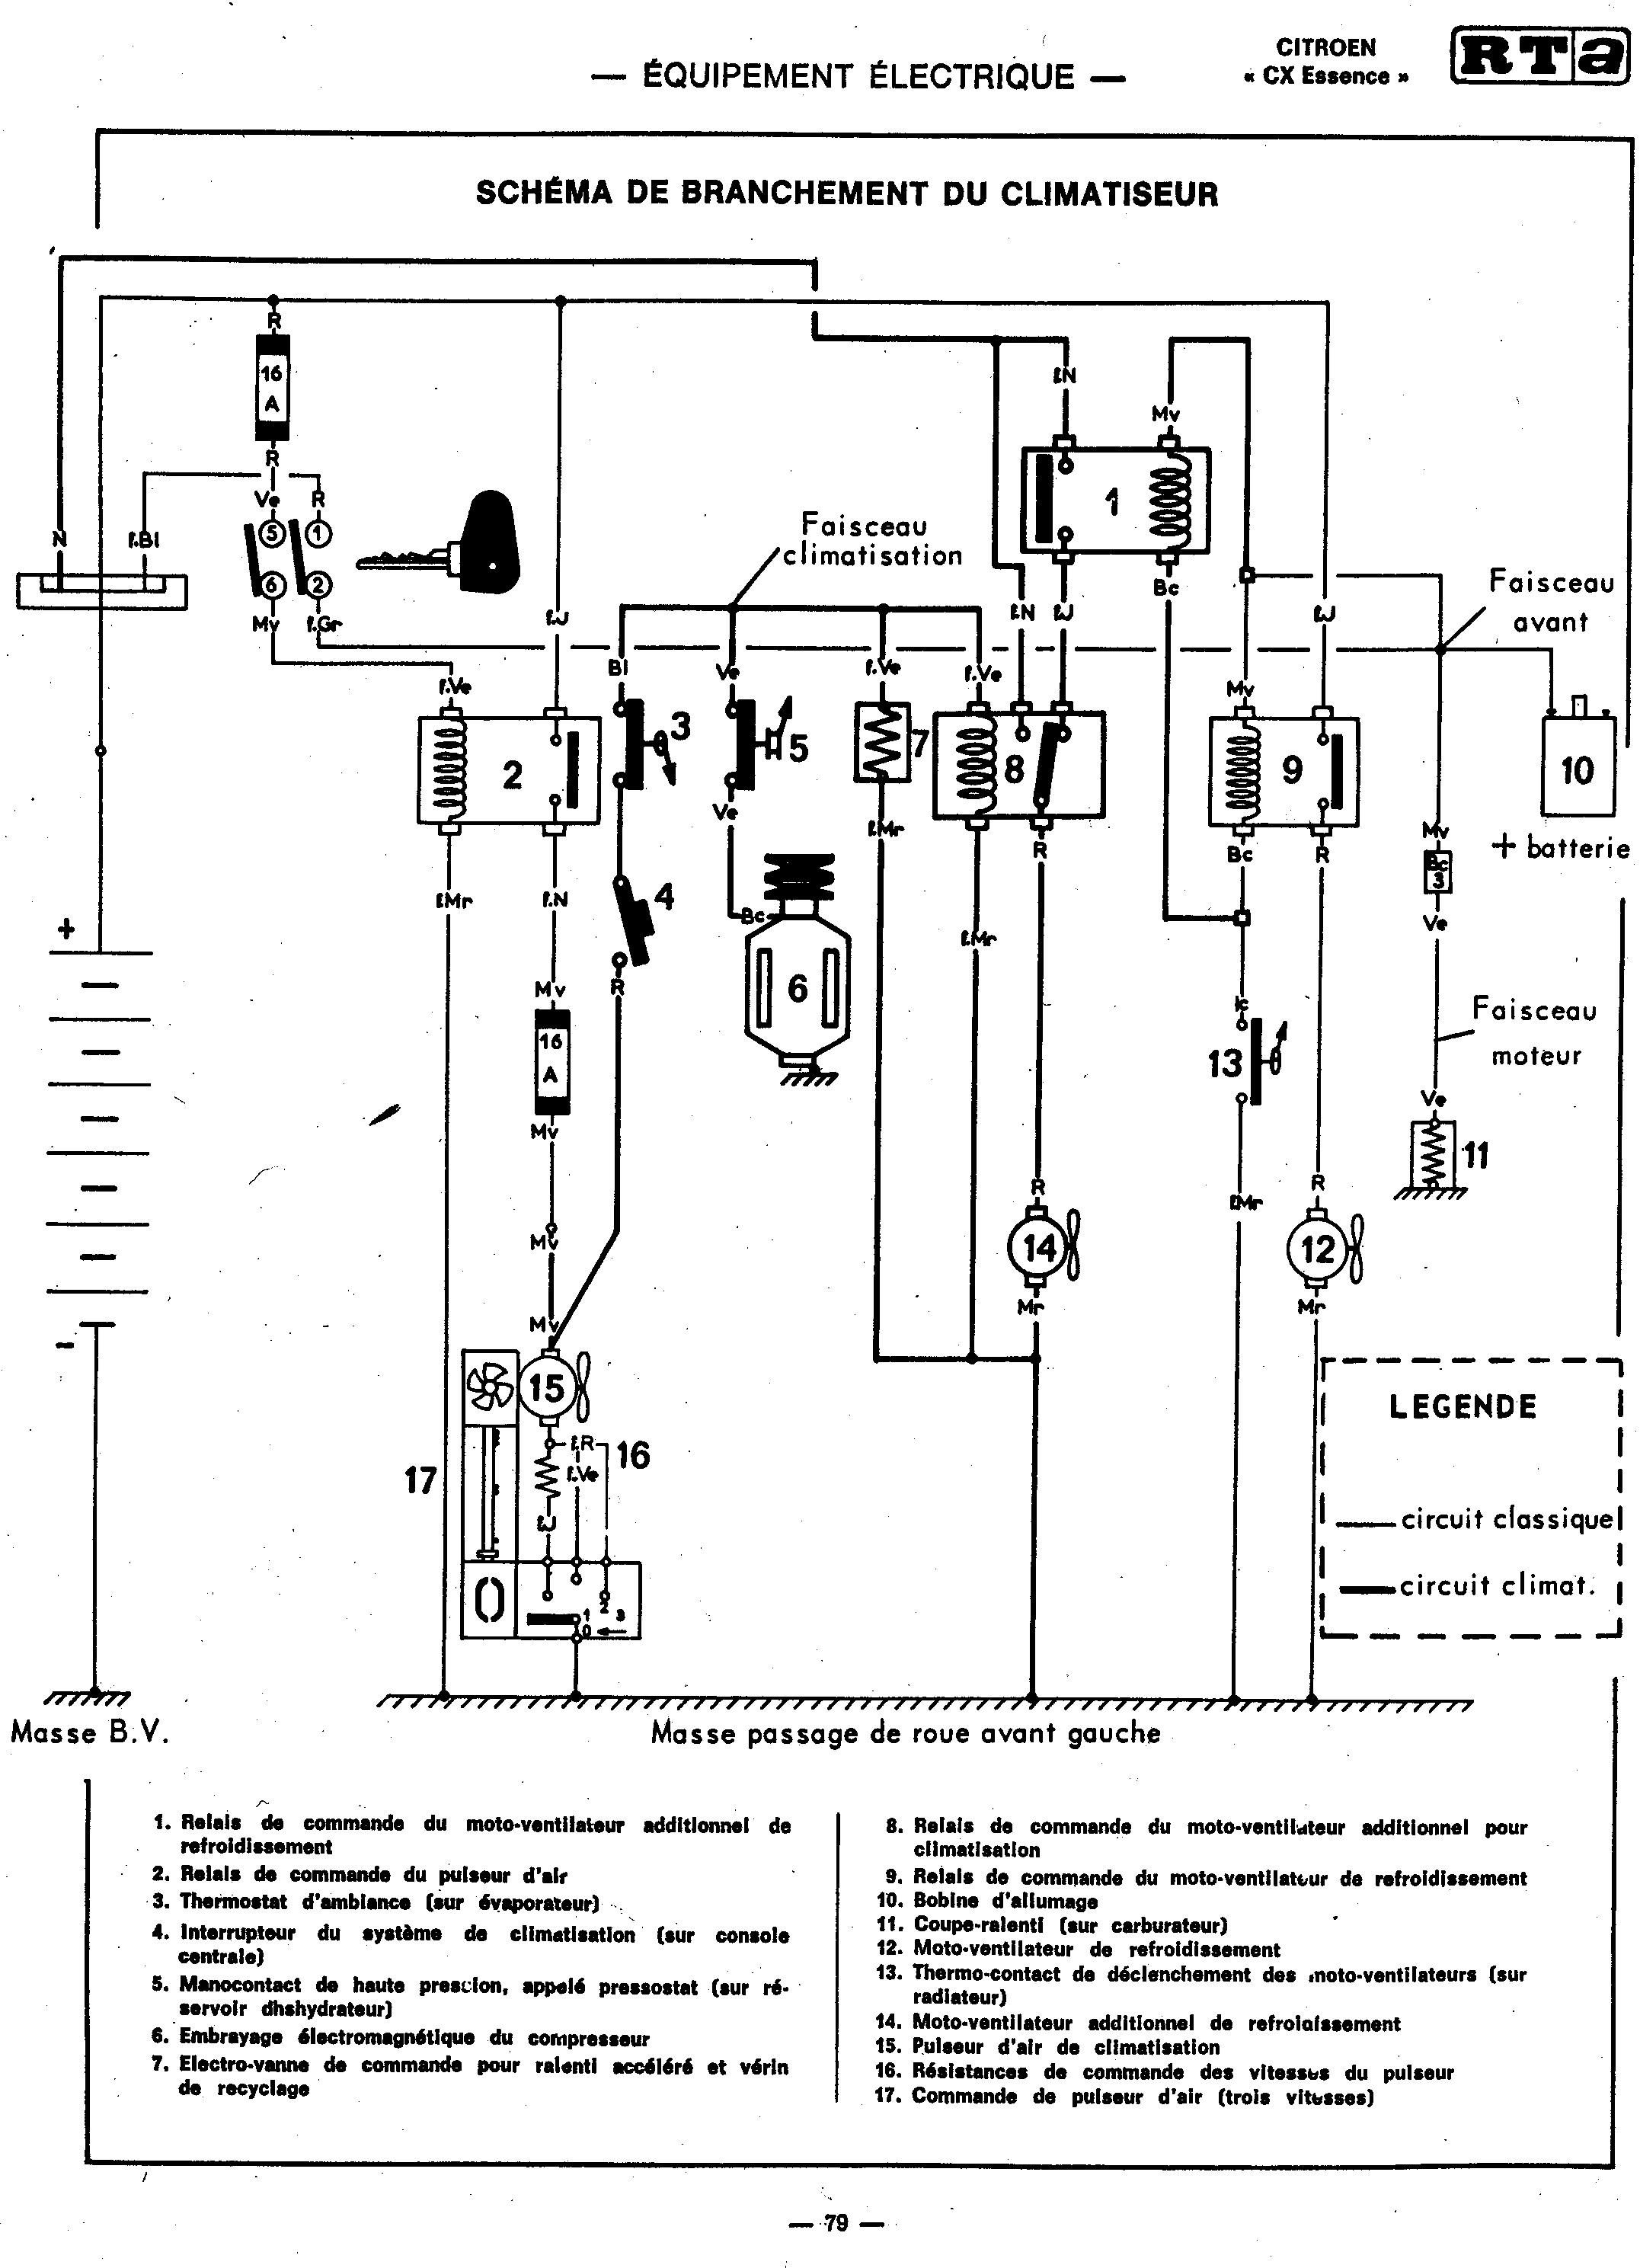 Clim Diagram By Rta